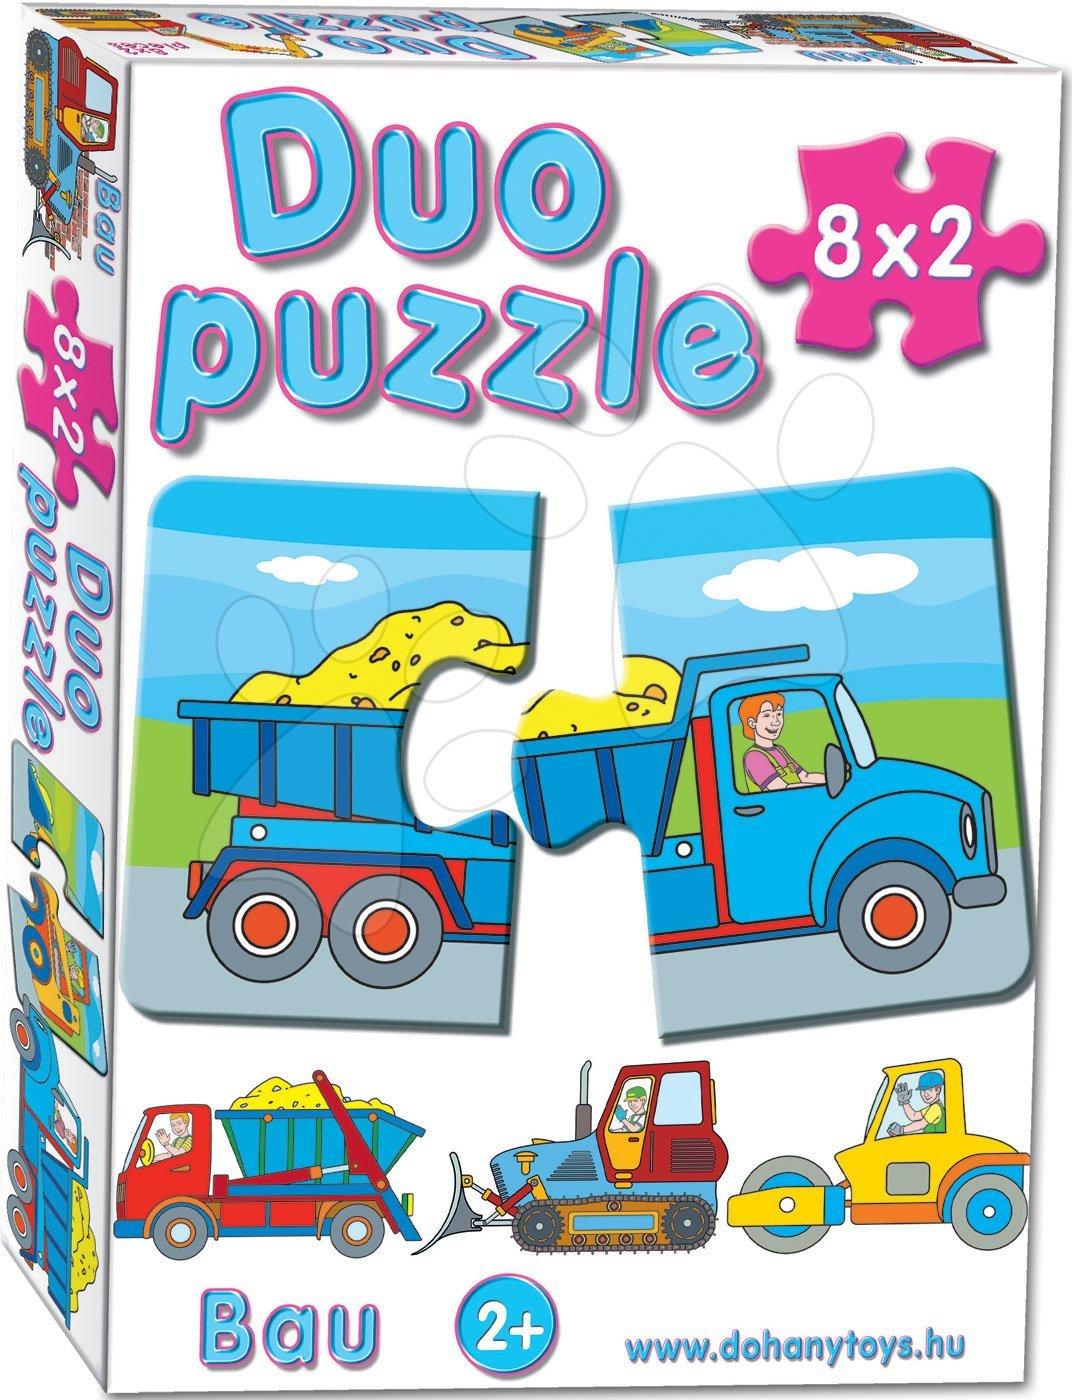 Baby puzzle Duo Pracovní auta Dohány 8 x 2 dílky 8obrázkové od 24 měsíců